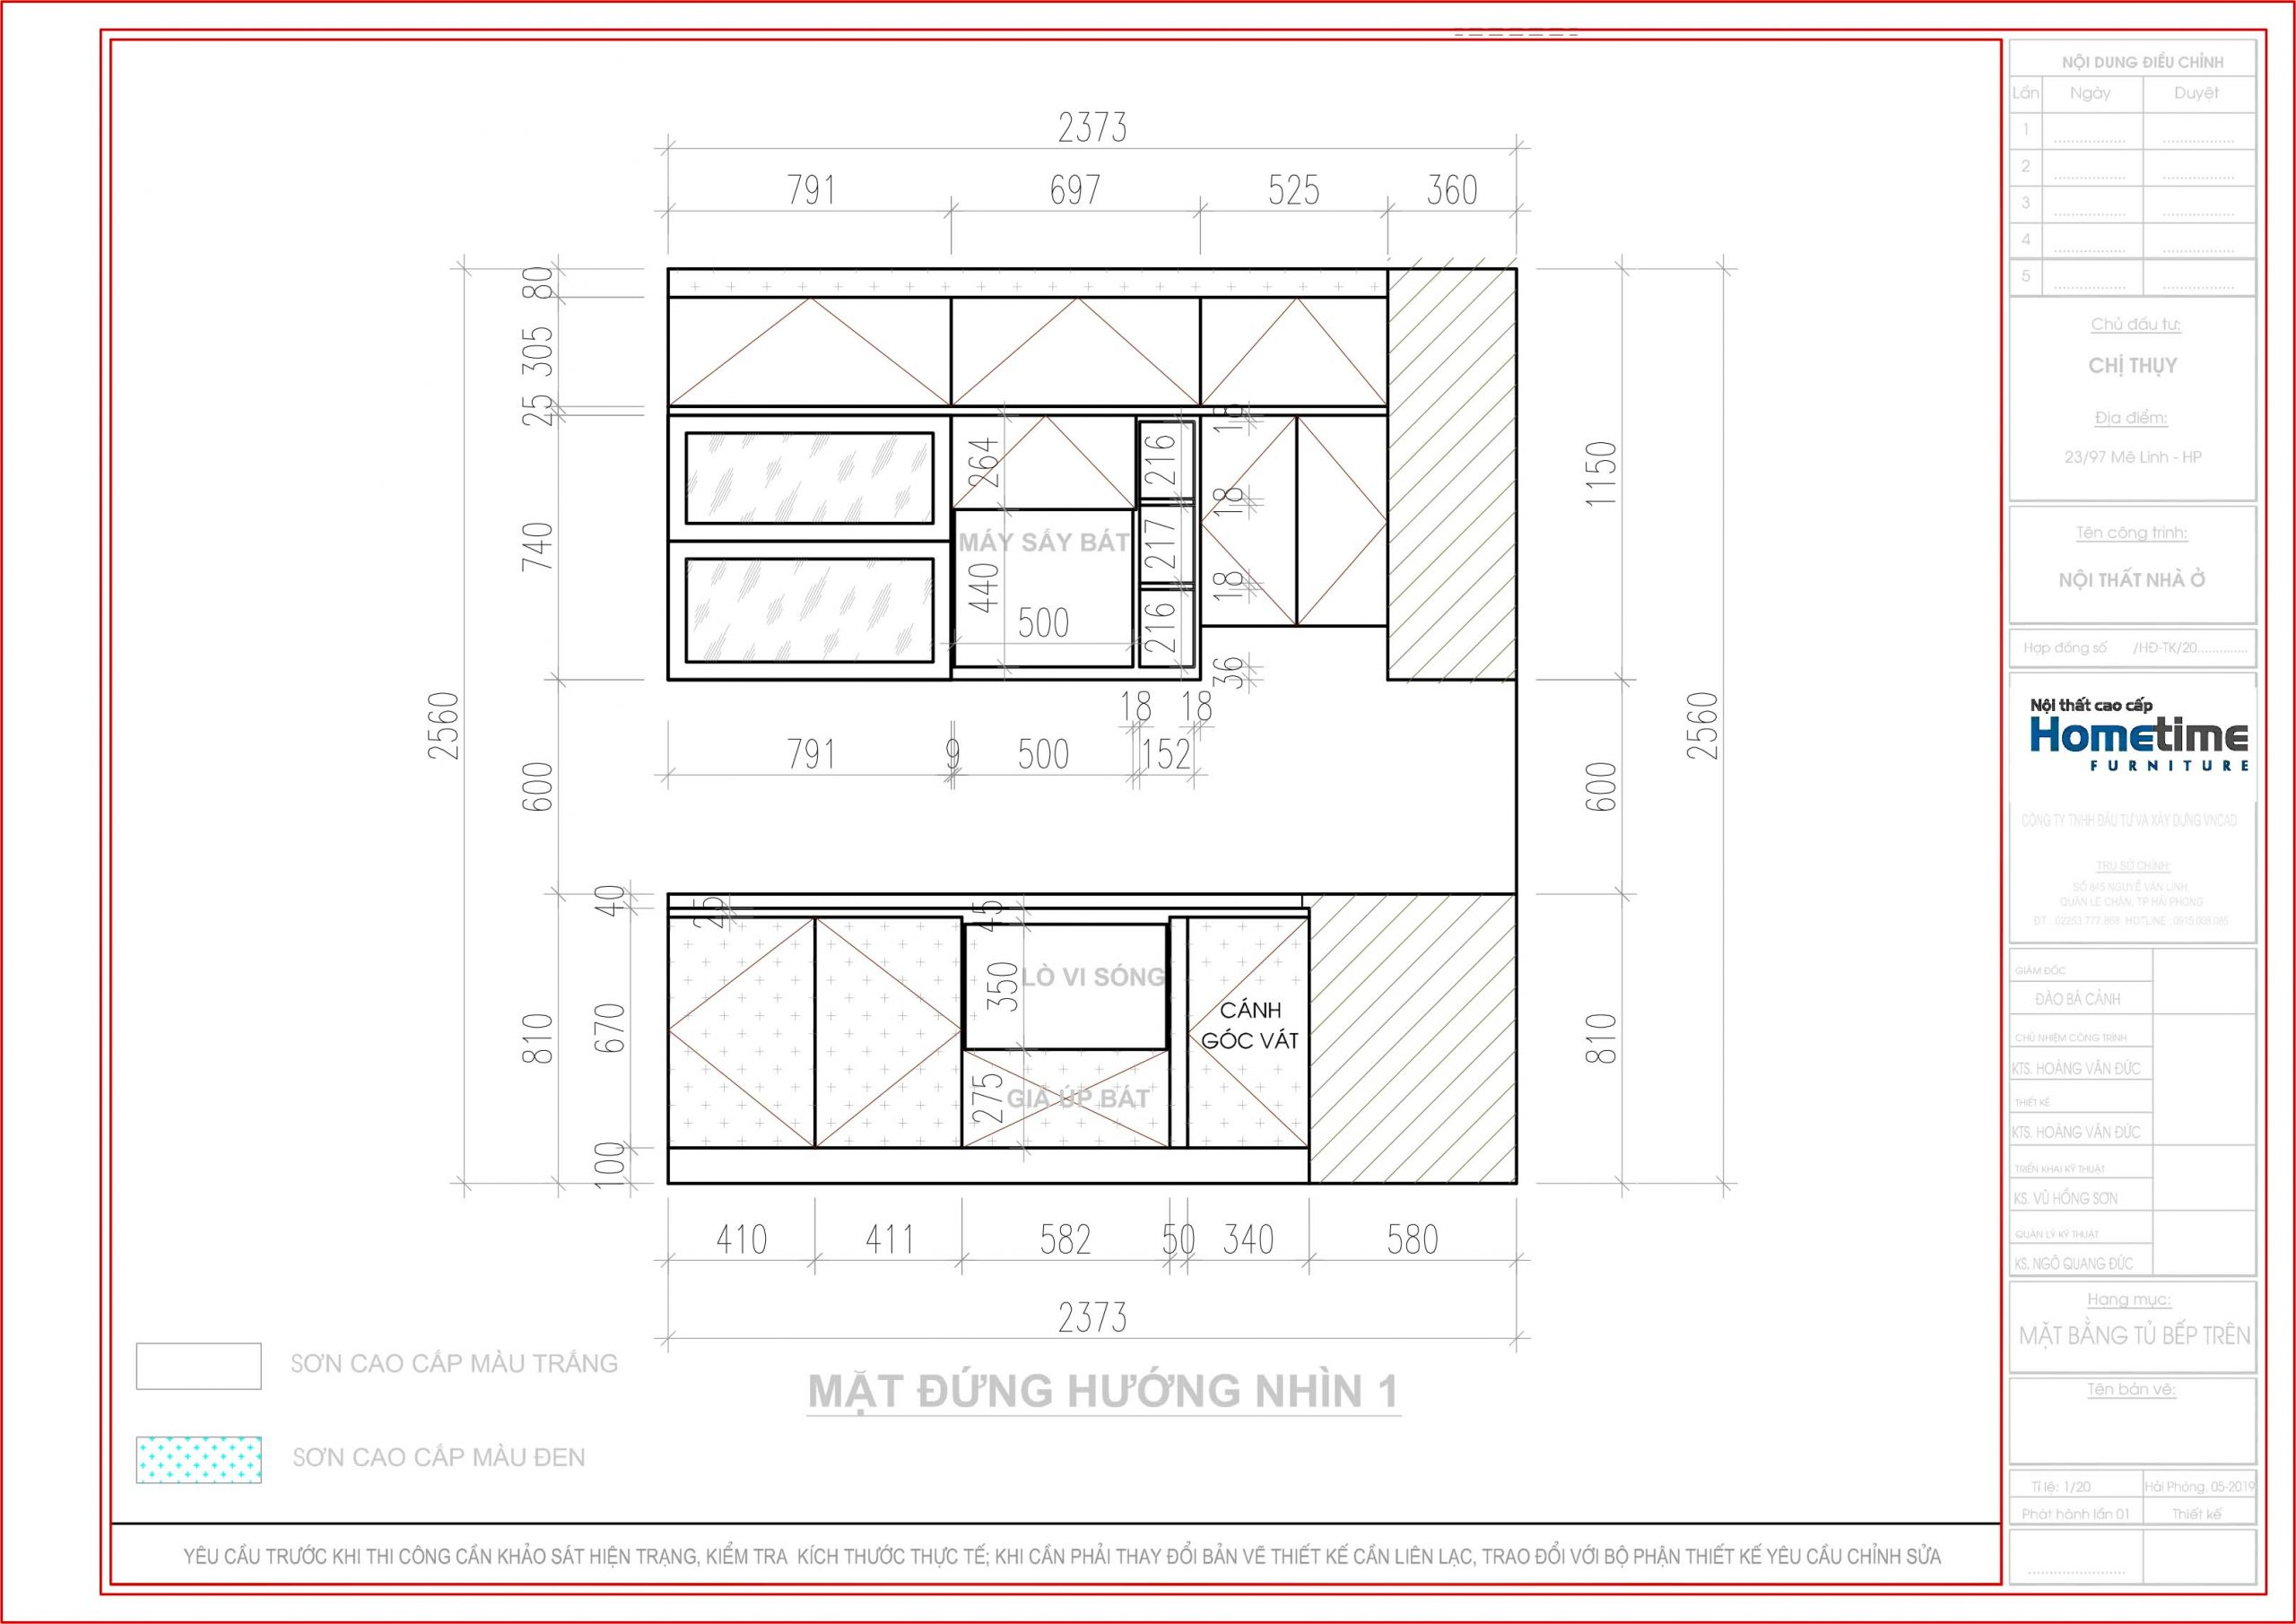 Hình ảnh tủ bếp theo hướng nhìn 1